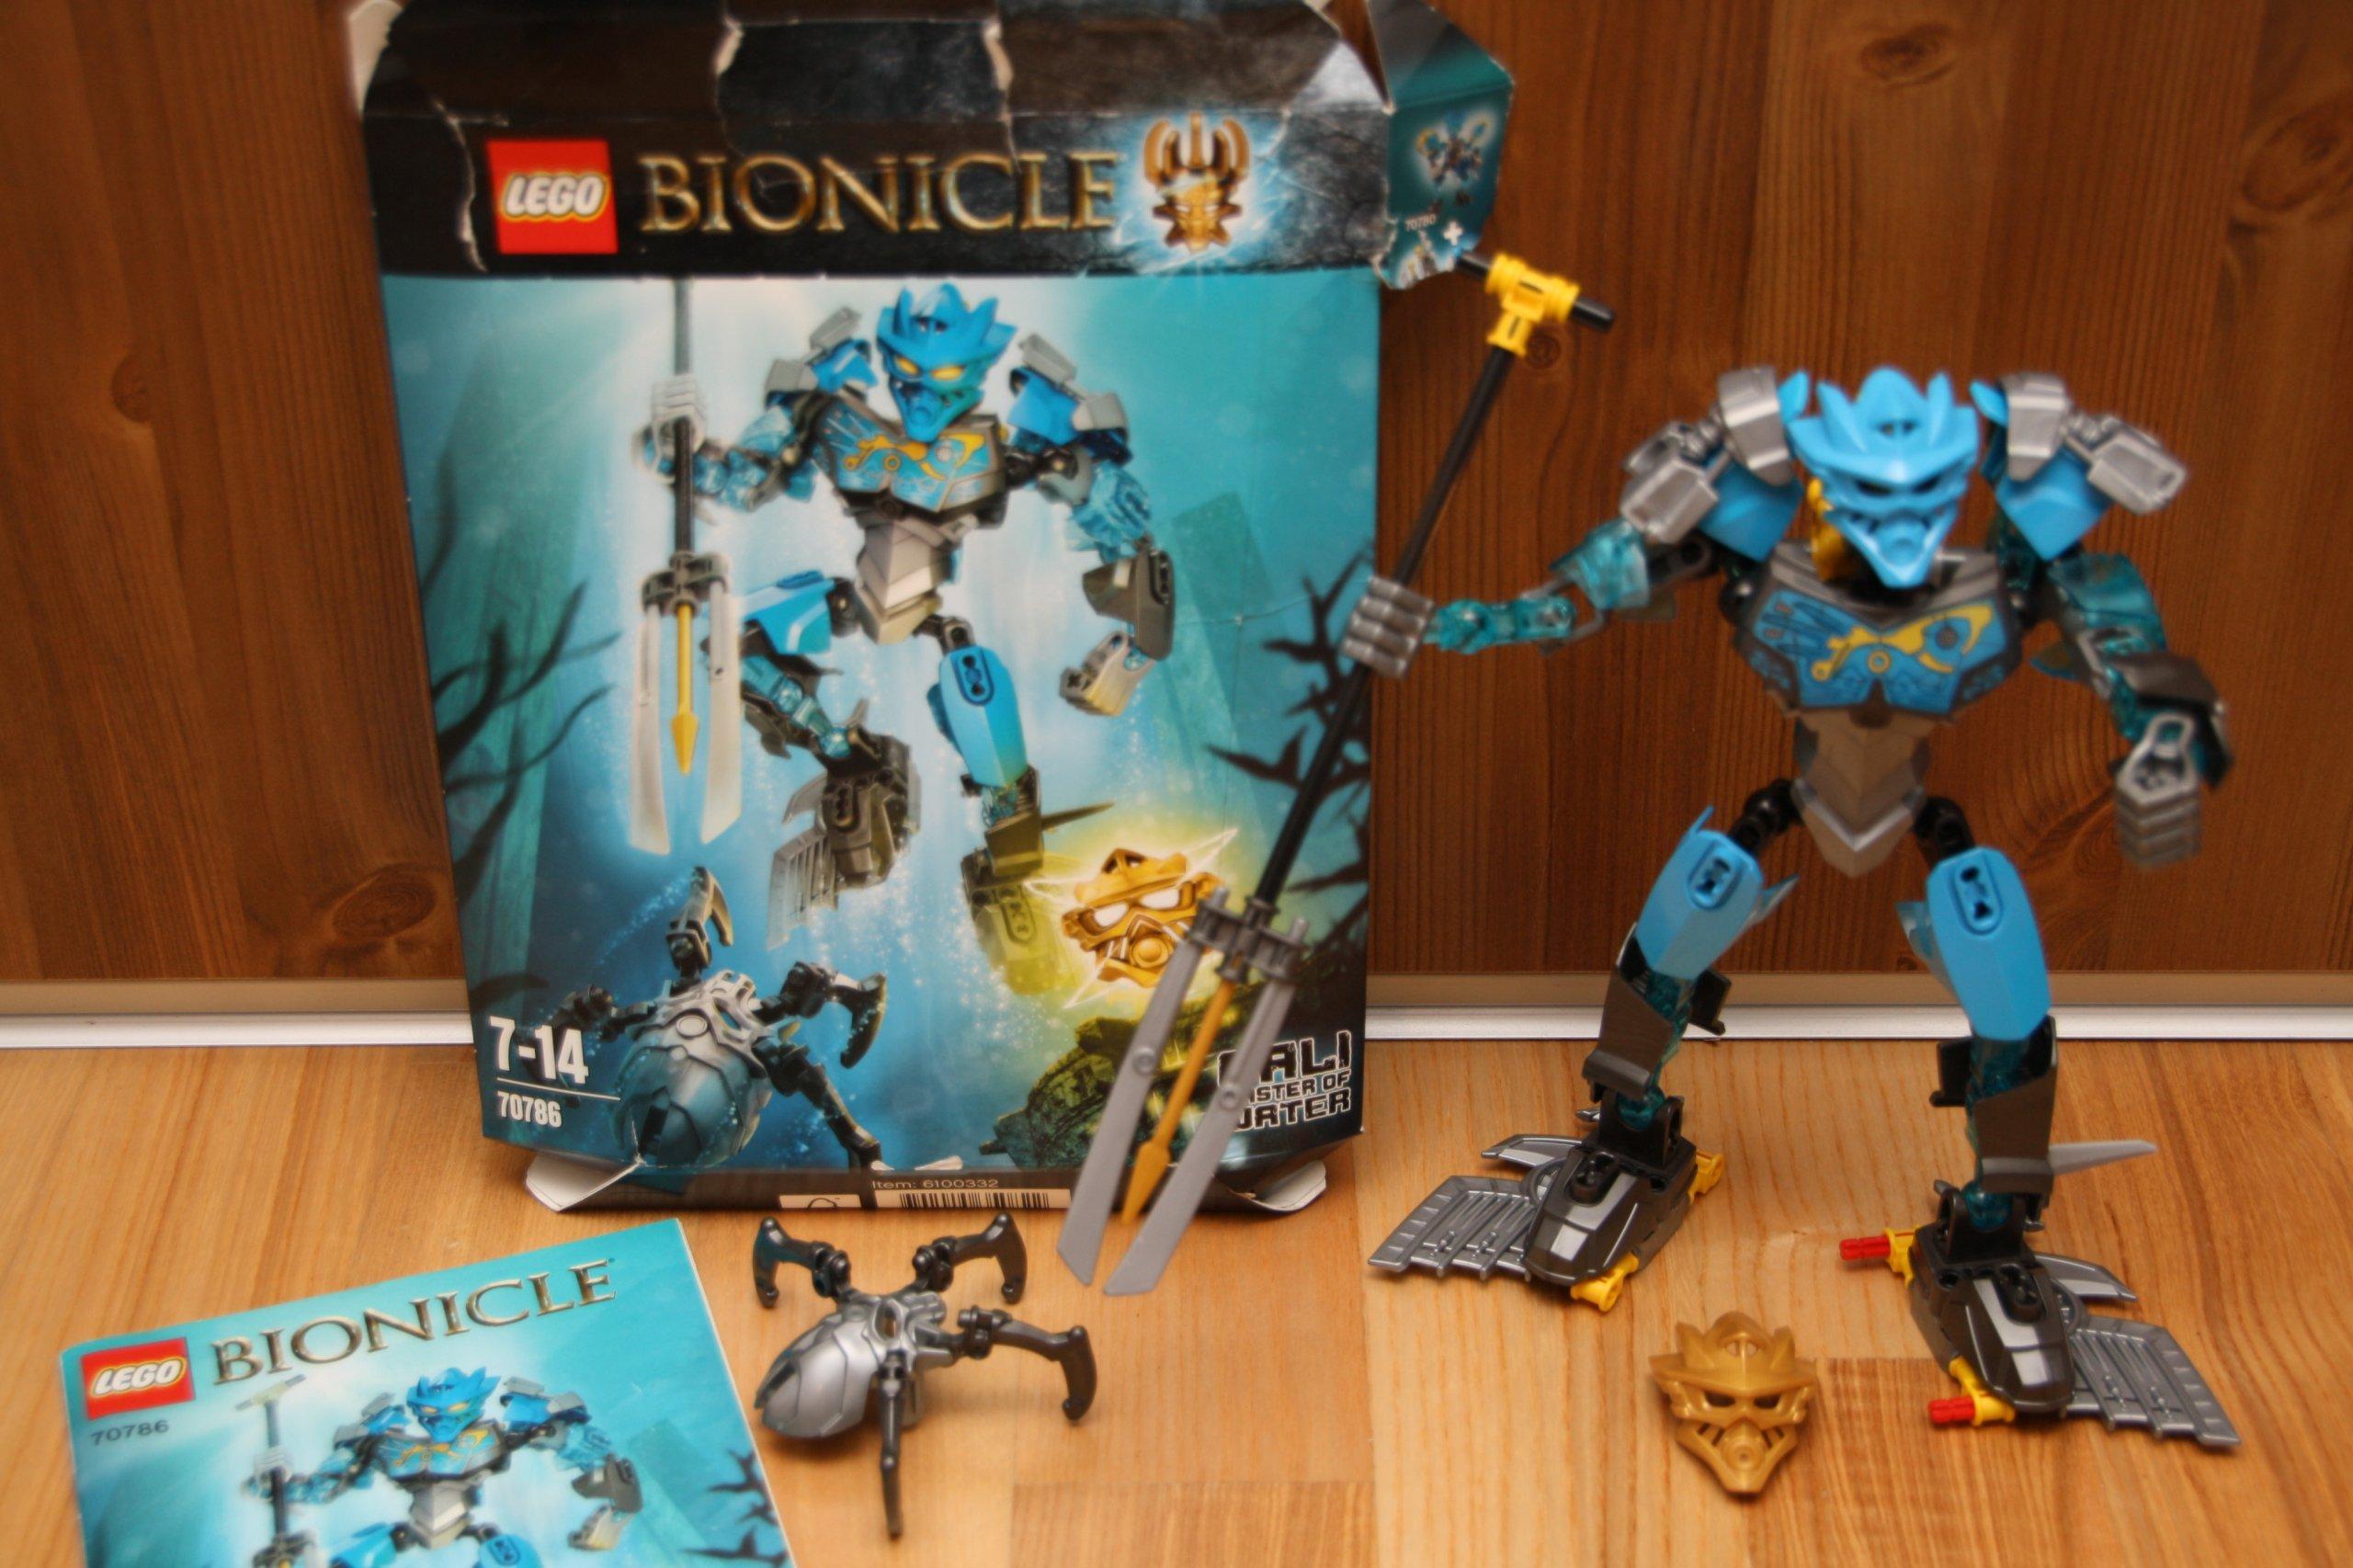 Lego Bionicle 70786 Gali Władczyni Wody 7191997822 Oficjalne